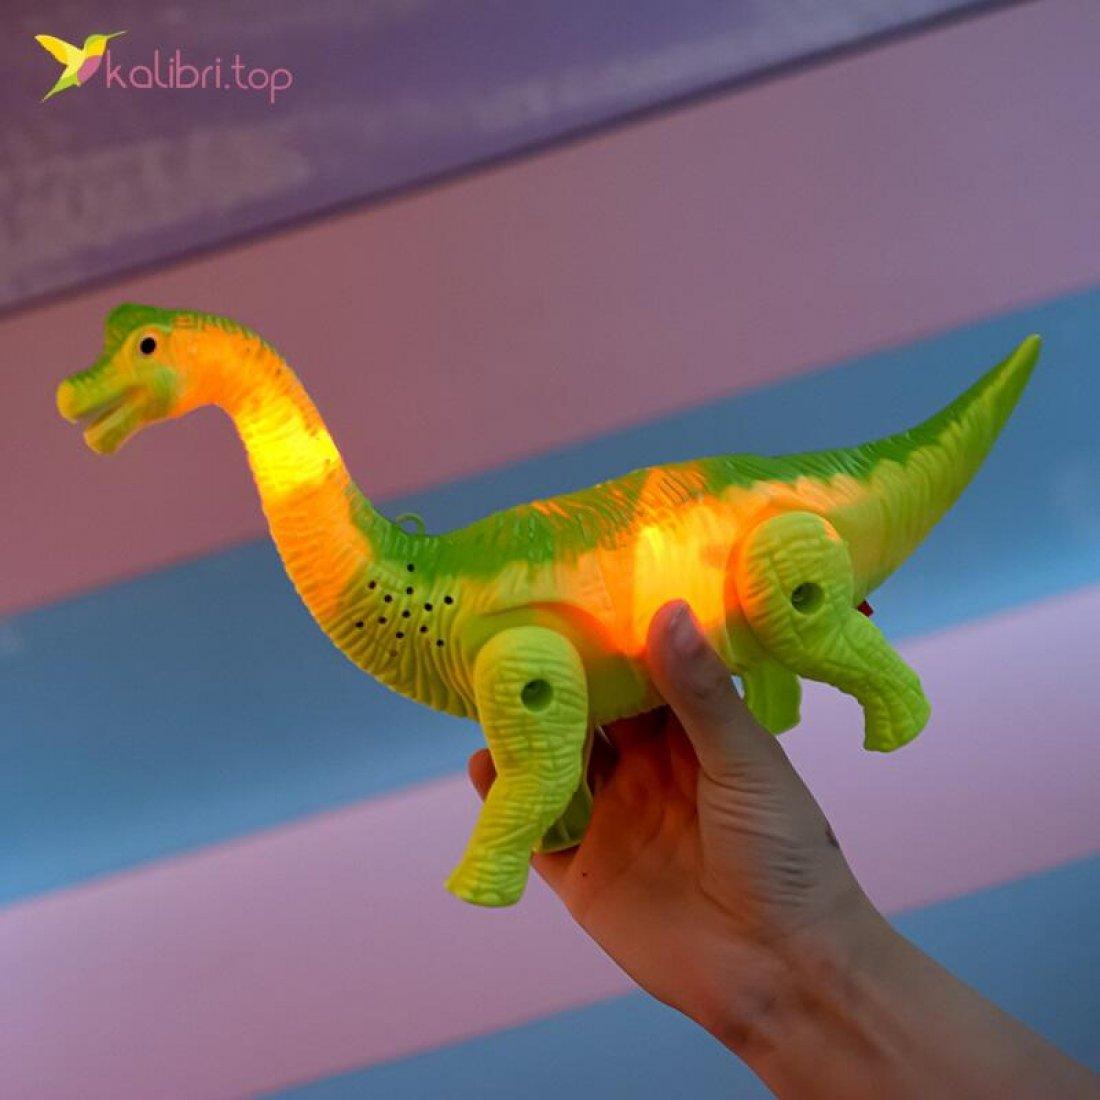 Купить Ходилку Динозавр травяной оптом фото 03